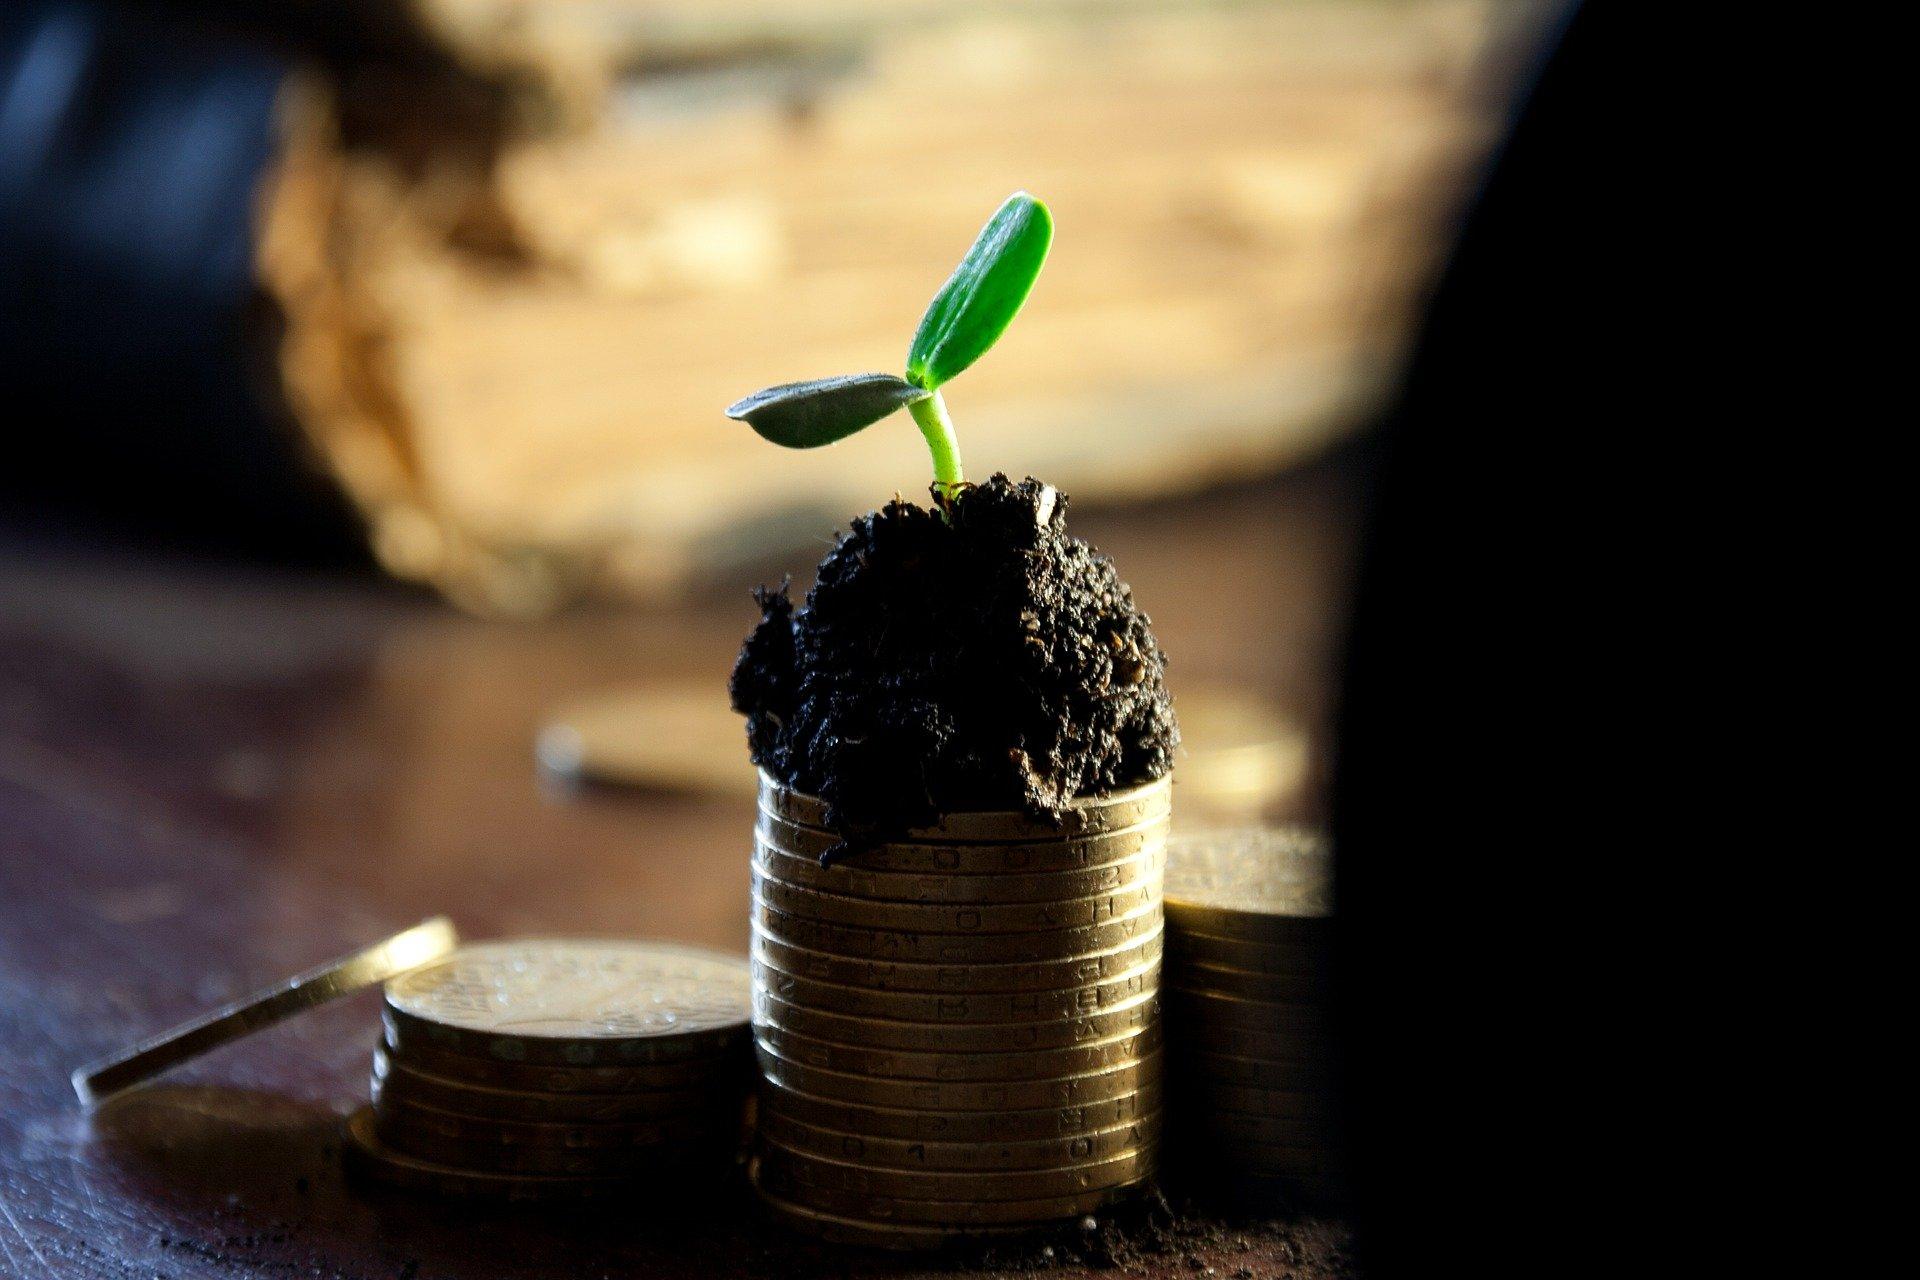 Почему не стоит инвестировать, как миллиардеры?